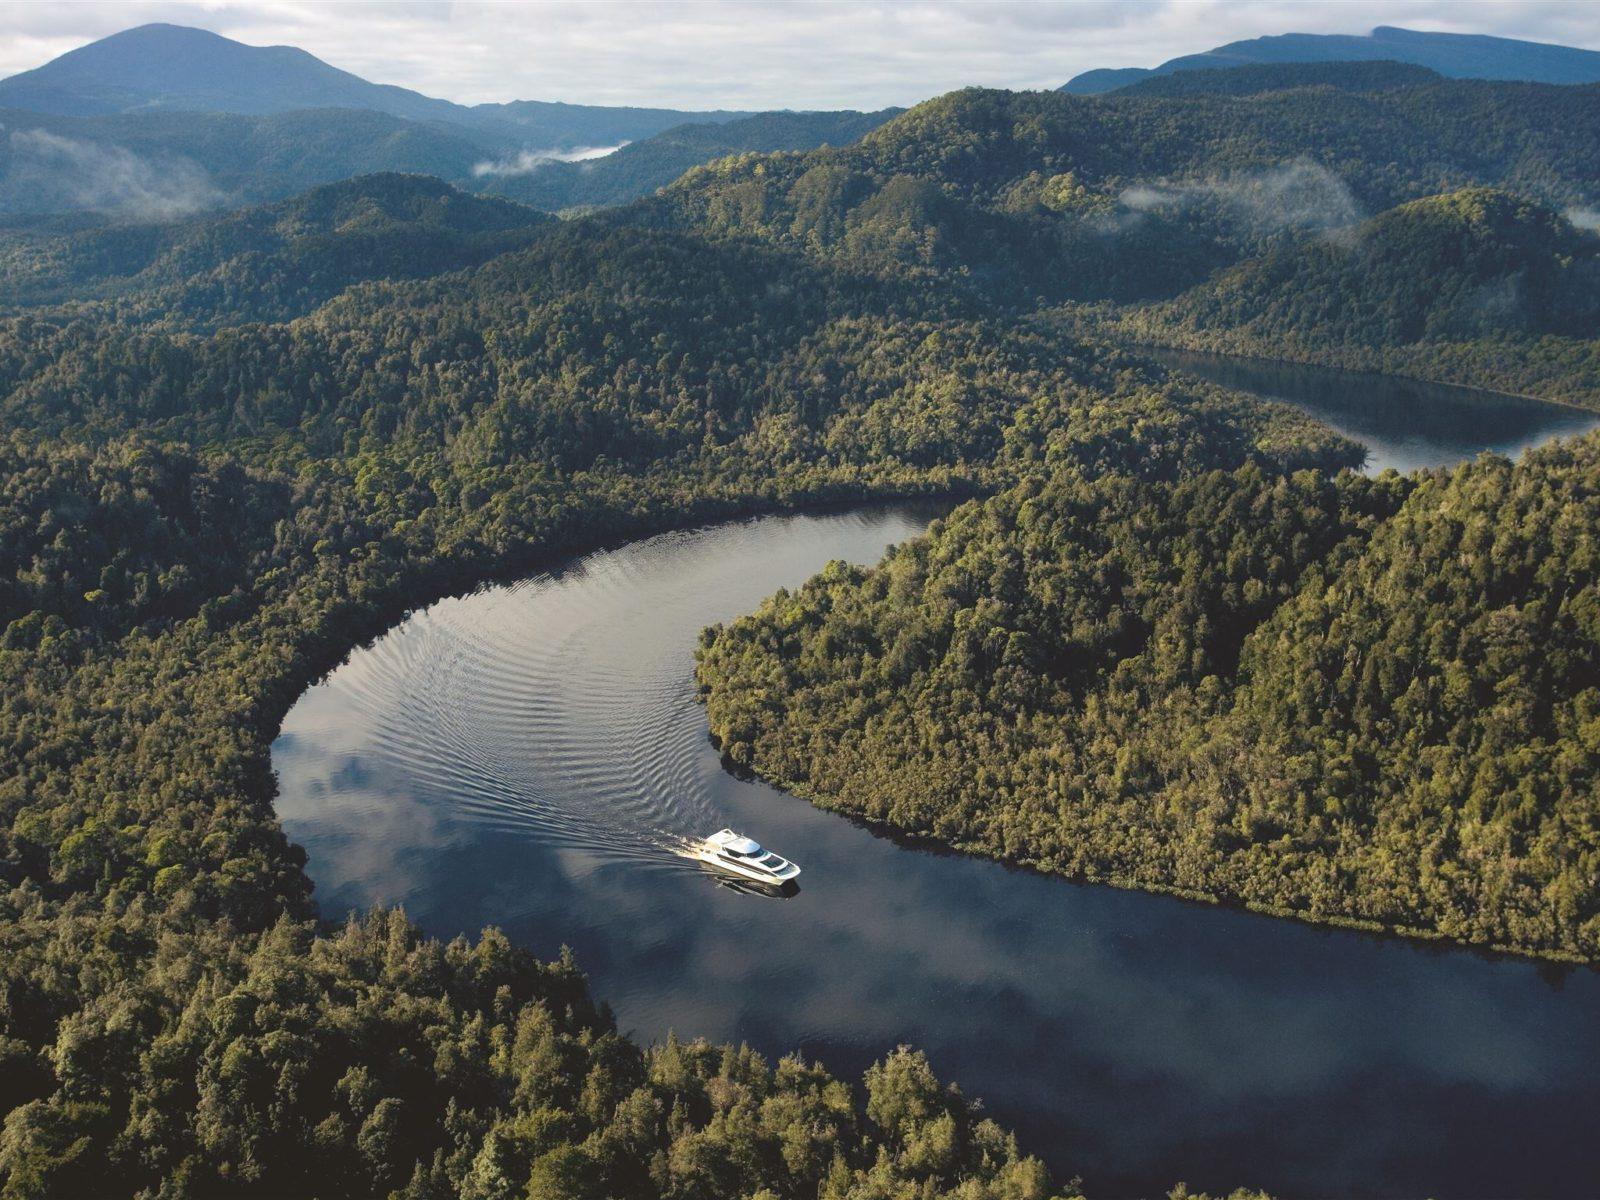 atdw-gordon-river-cruises-56b27501d5f1565045db7c14-1600x1200